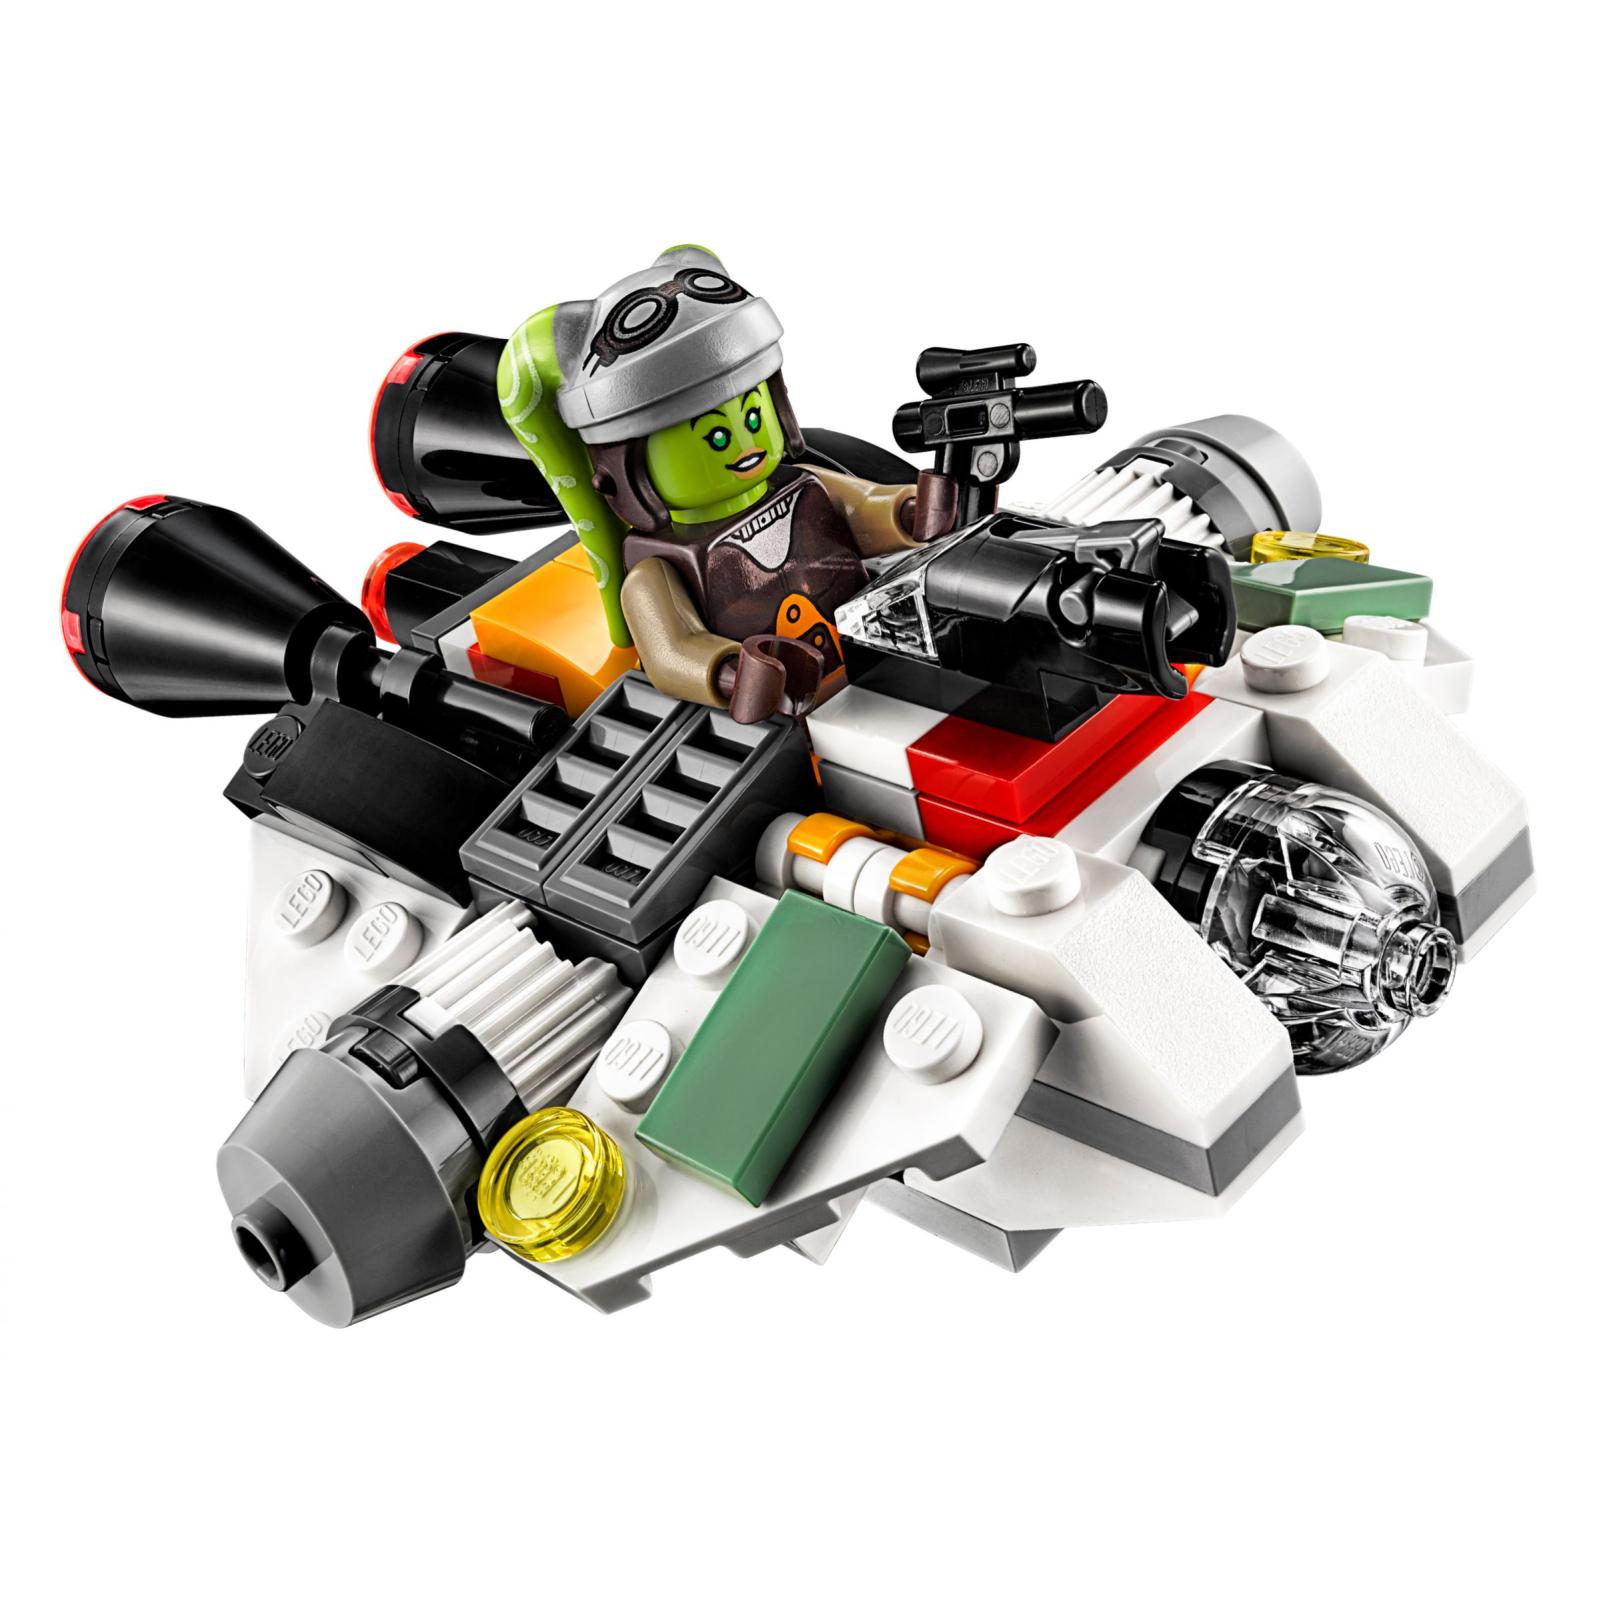 Конструктор LEGO Star Wars Призрак (75127) изображение 3